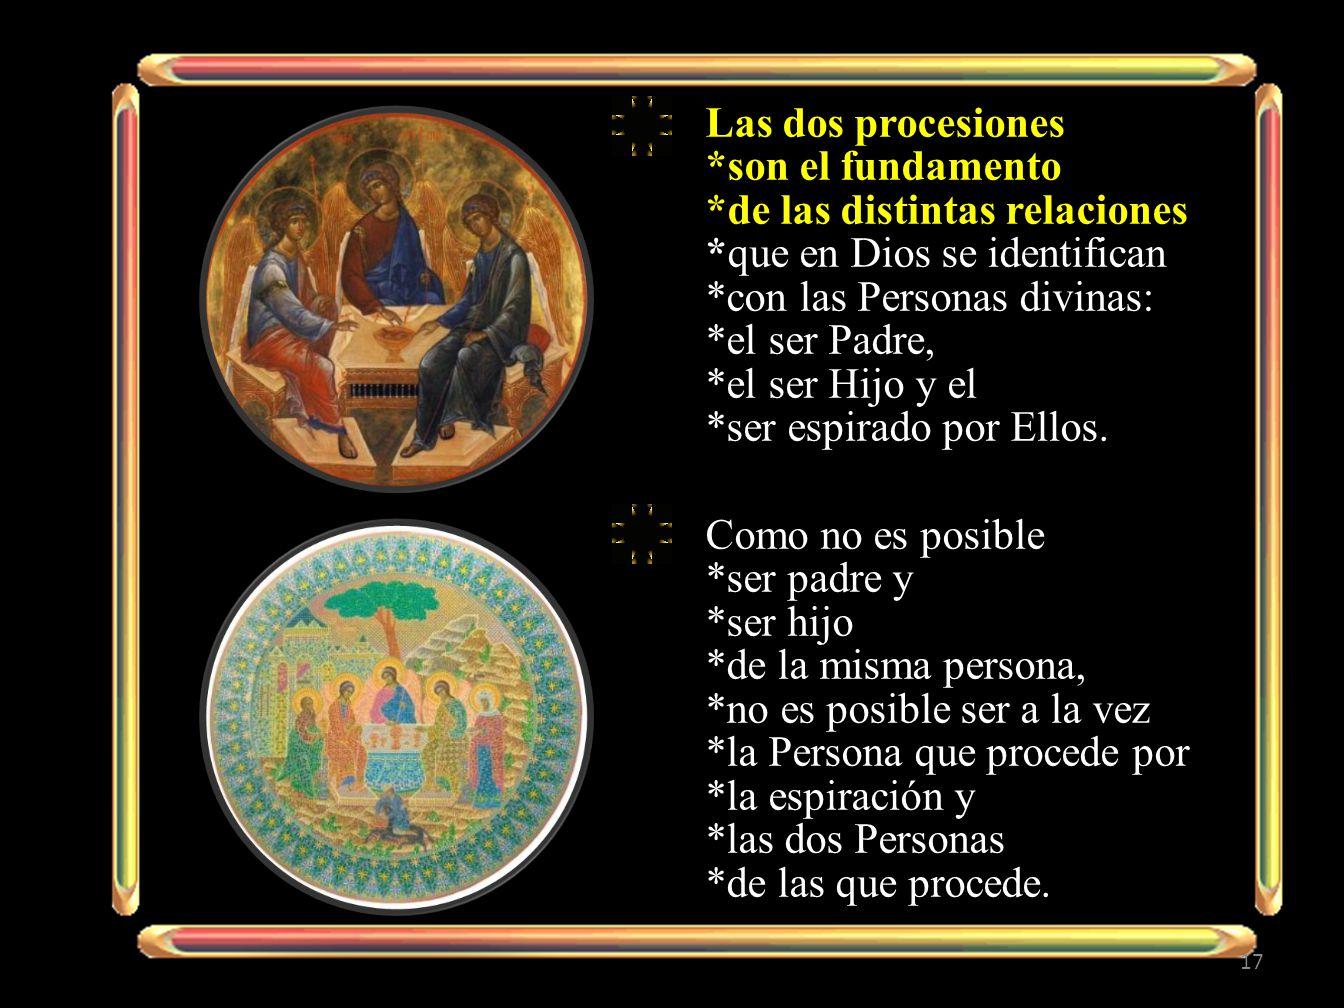 Las dos procesiones *son el fundamento *de las distintas relaciones *que en Dios se identifican *con las Personas divinas: *el ser Padre, *el ser Hijo y el *ser espirado por Ellos.